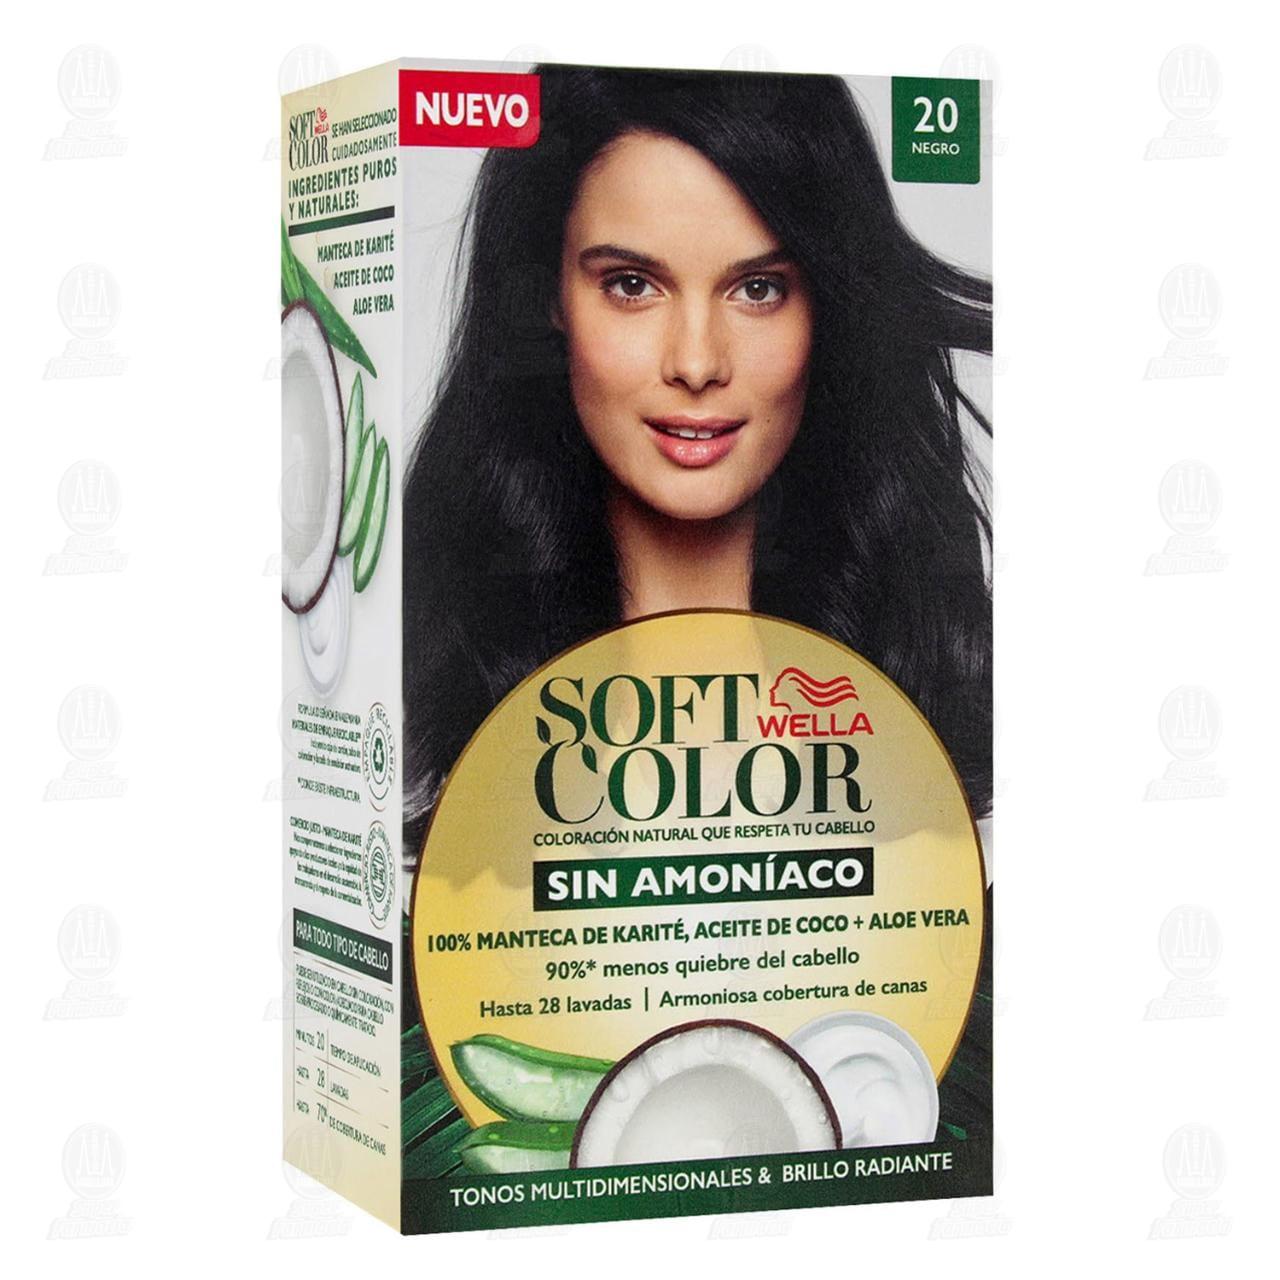 comprar https://www.movil.farmaciasguadalajara.com/wcsstore/FGCAS/wcs/products/1317490_A_1280_AL.jpg en farmacias guadalajara